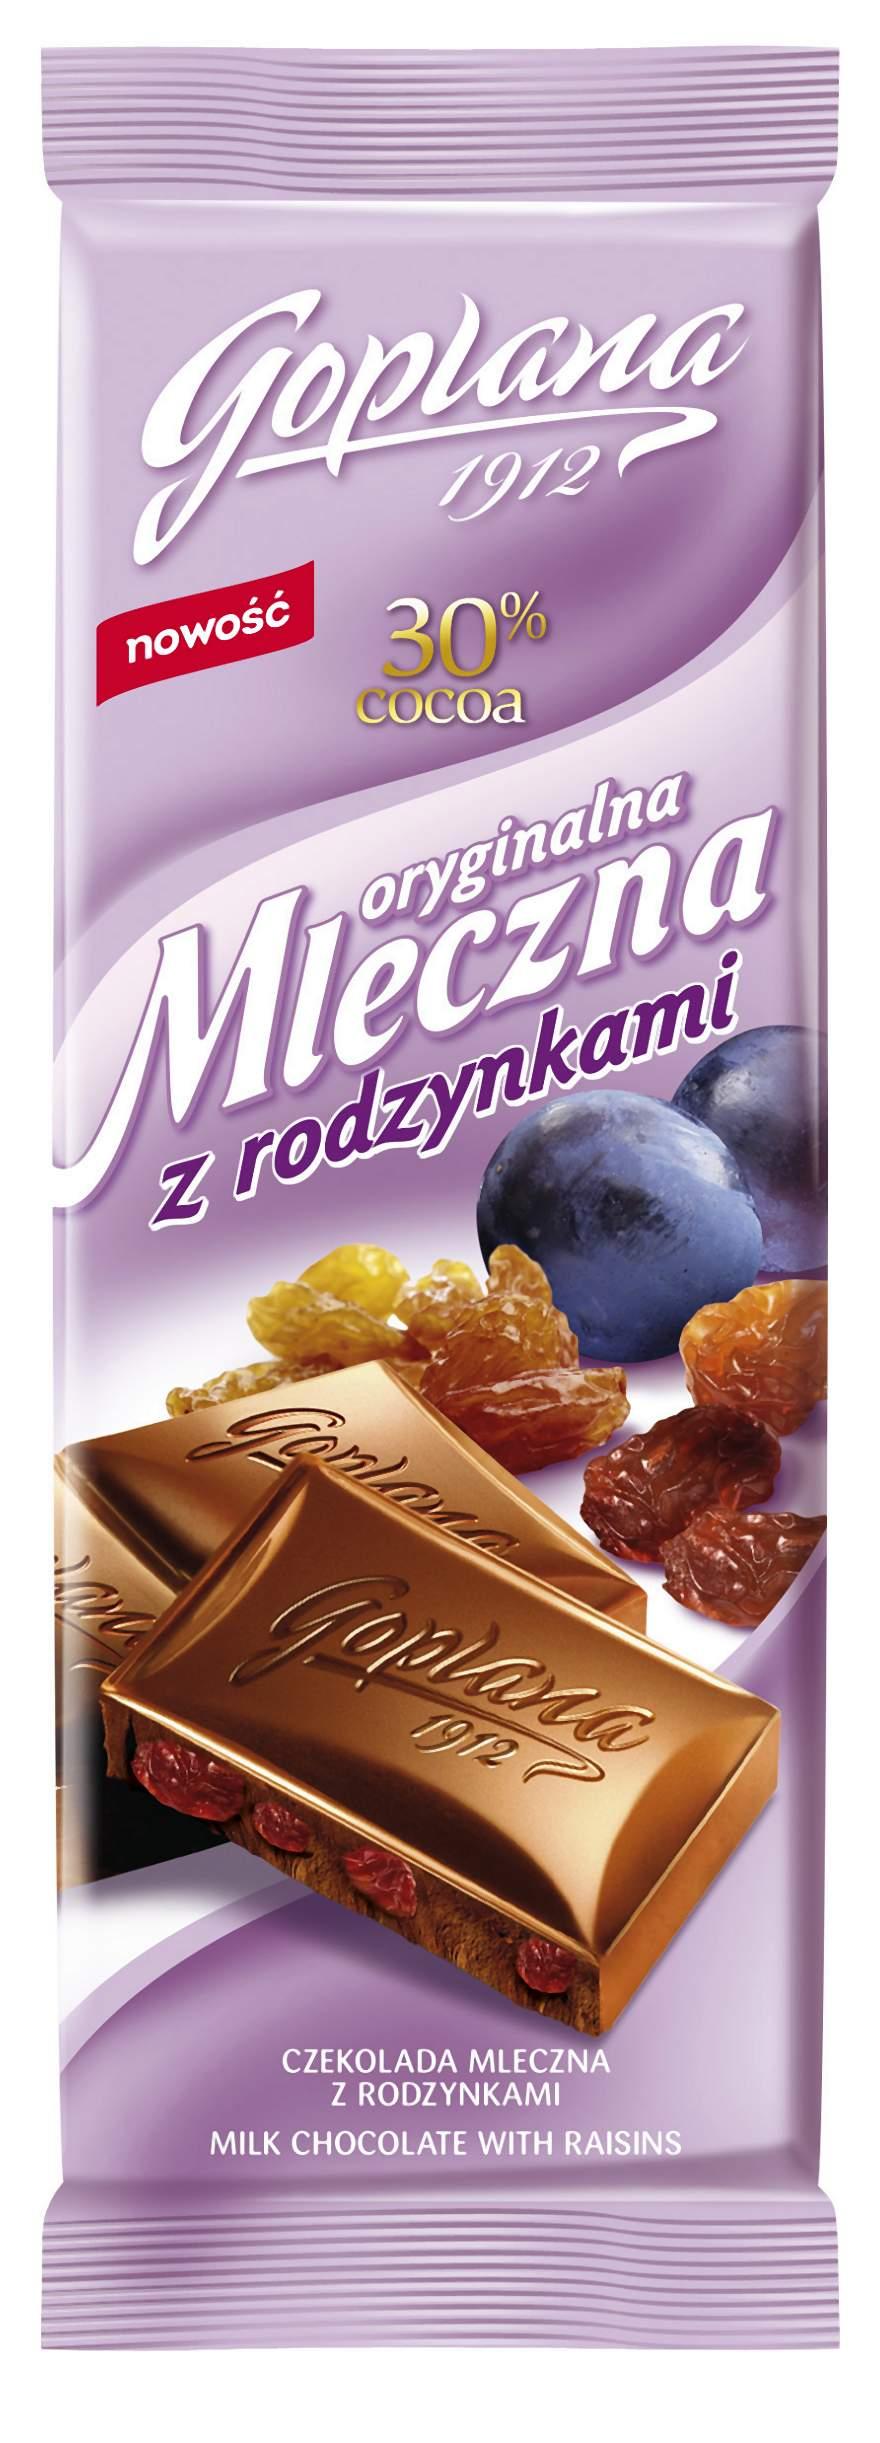 new_MLECZNA ORYGINALNA_RODZYNKI-003-2014-02-19 _ 15_32_32-75